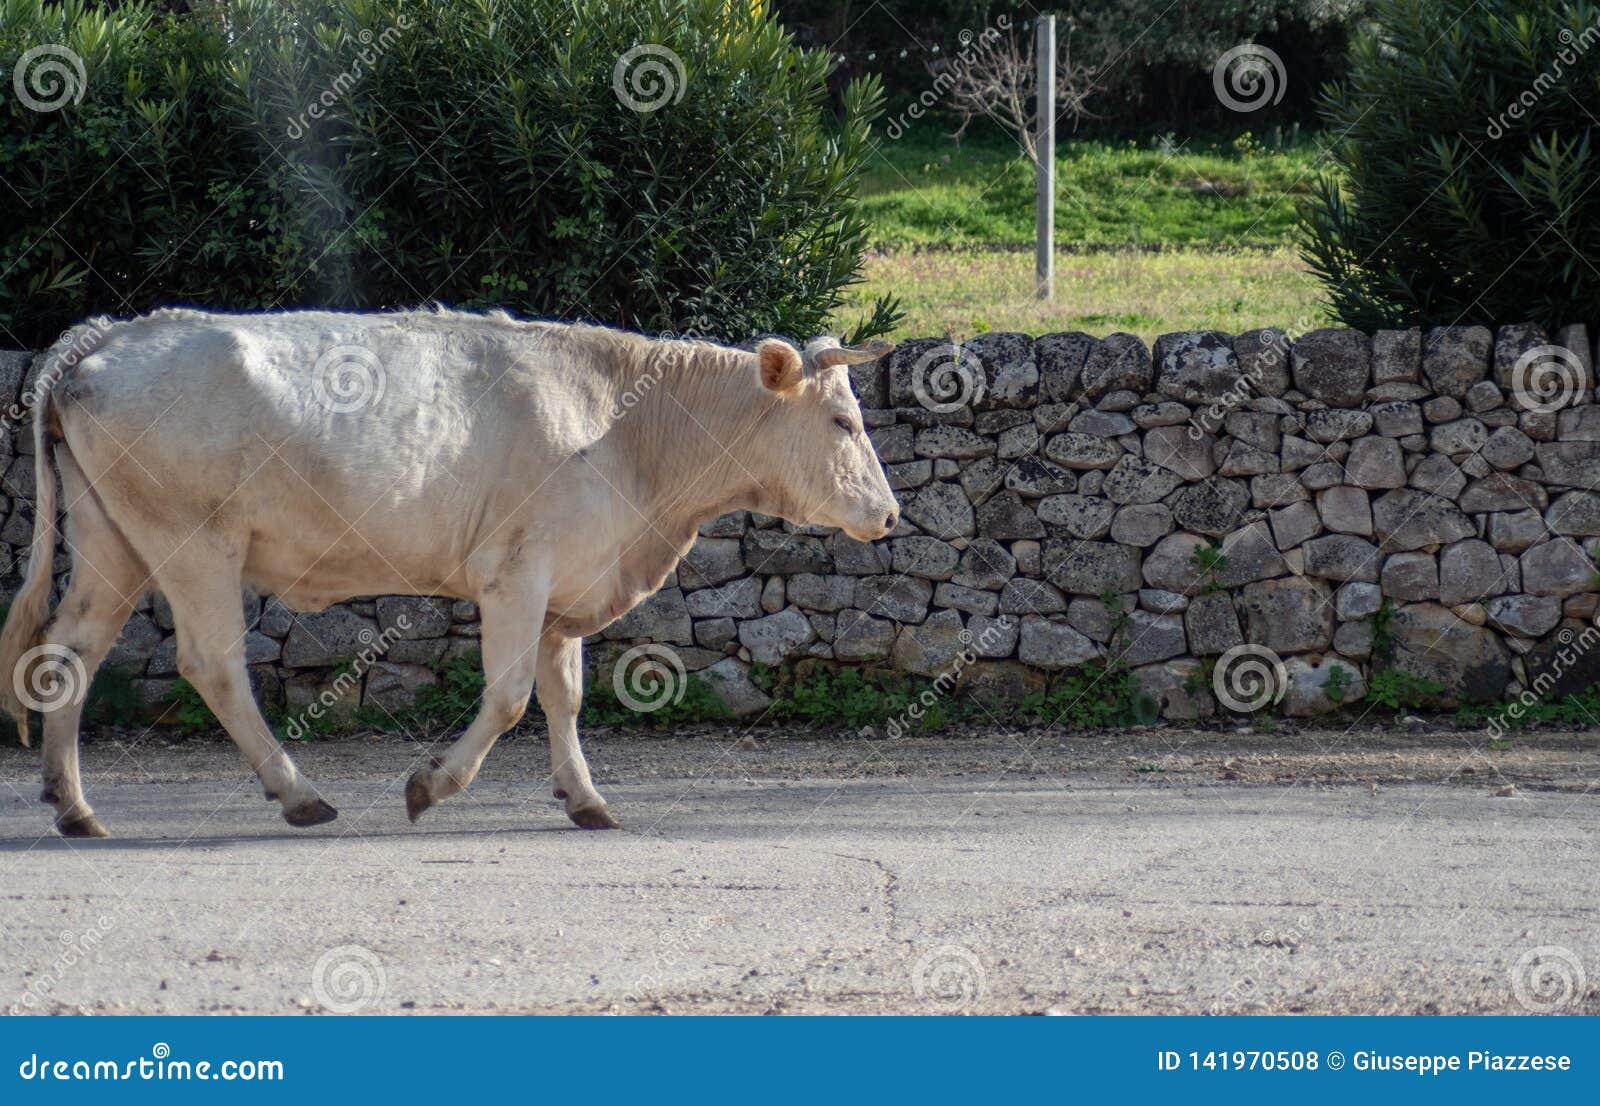 Una vaca mientras que pasta